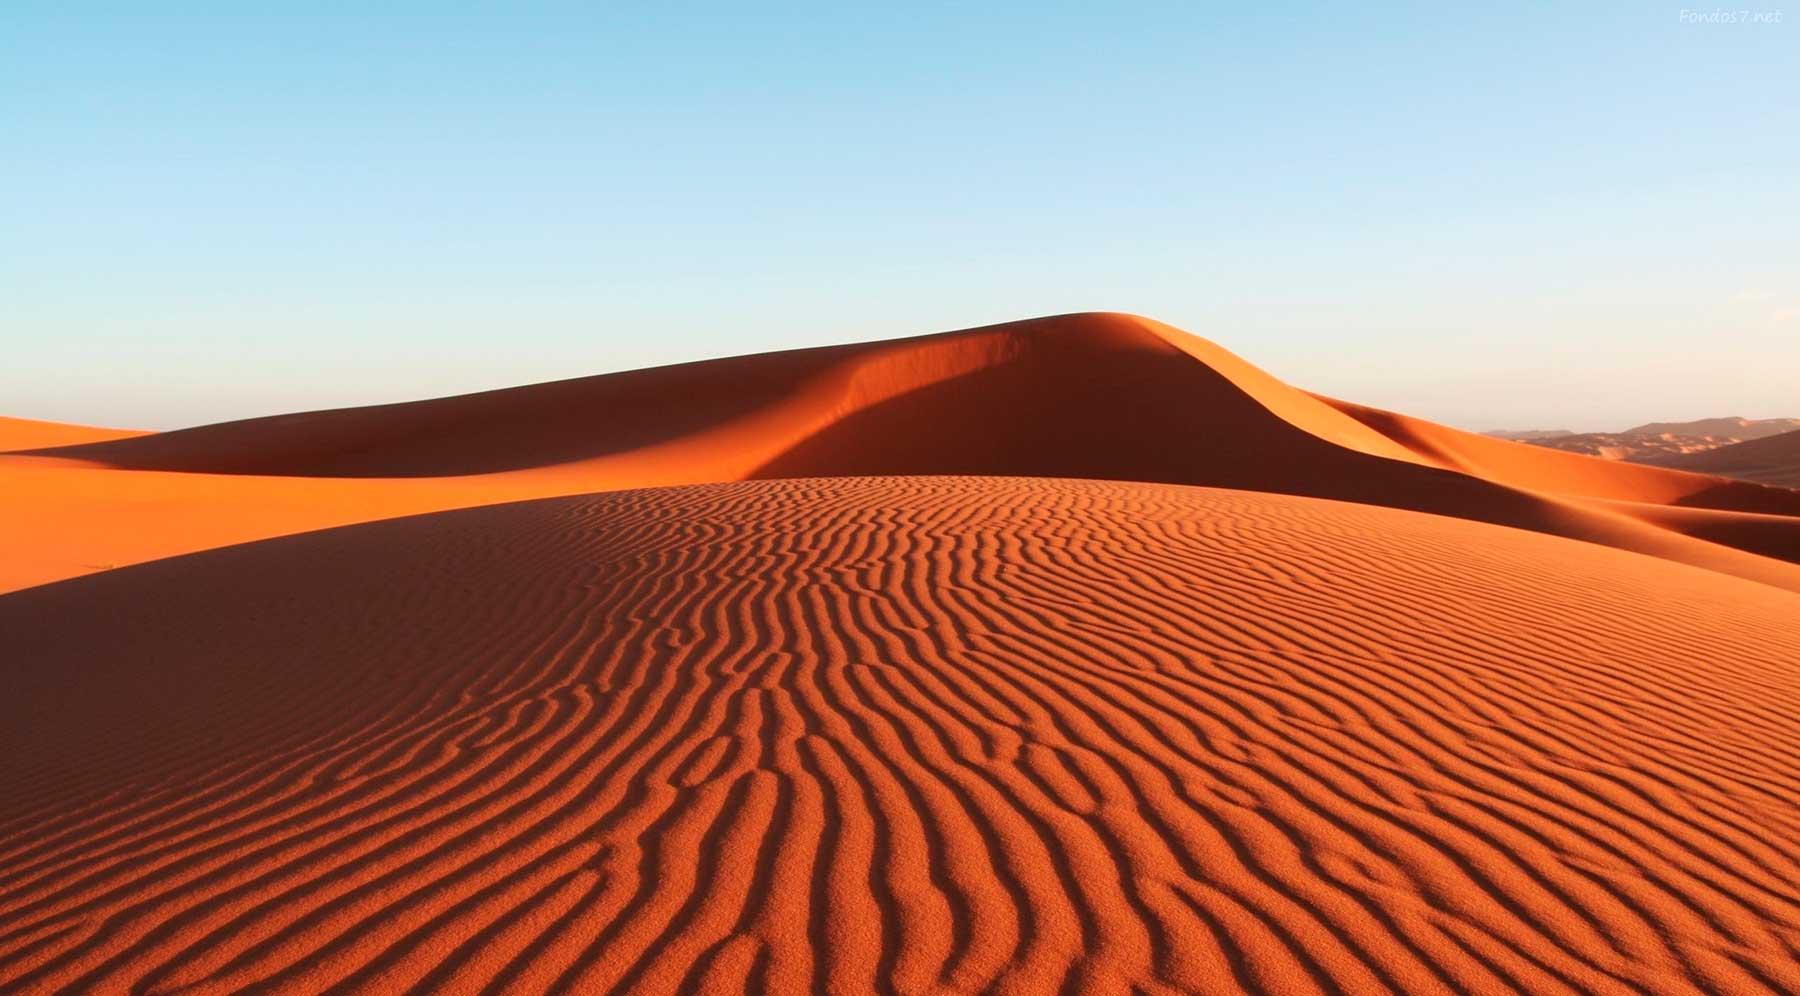 desierto-y-dunas-yoga-marruecos